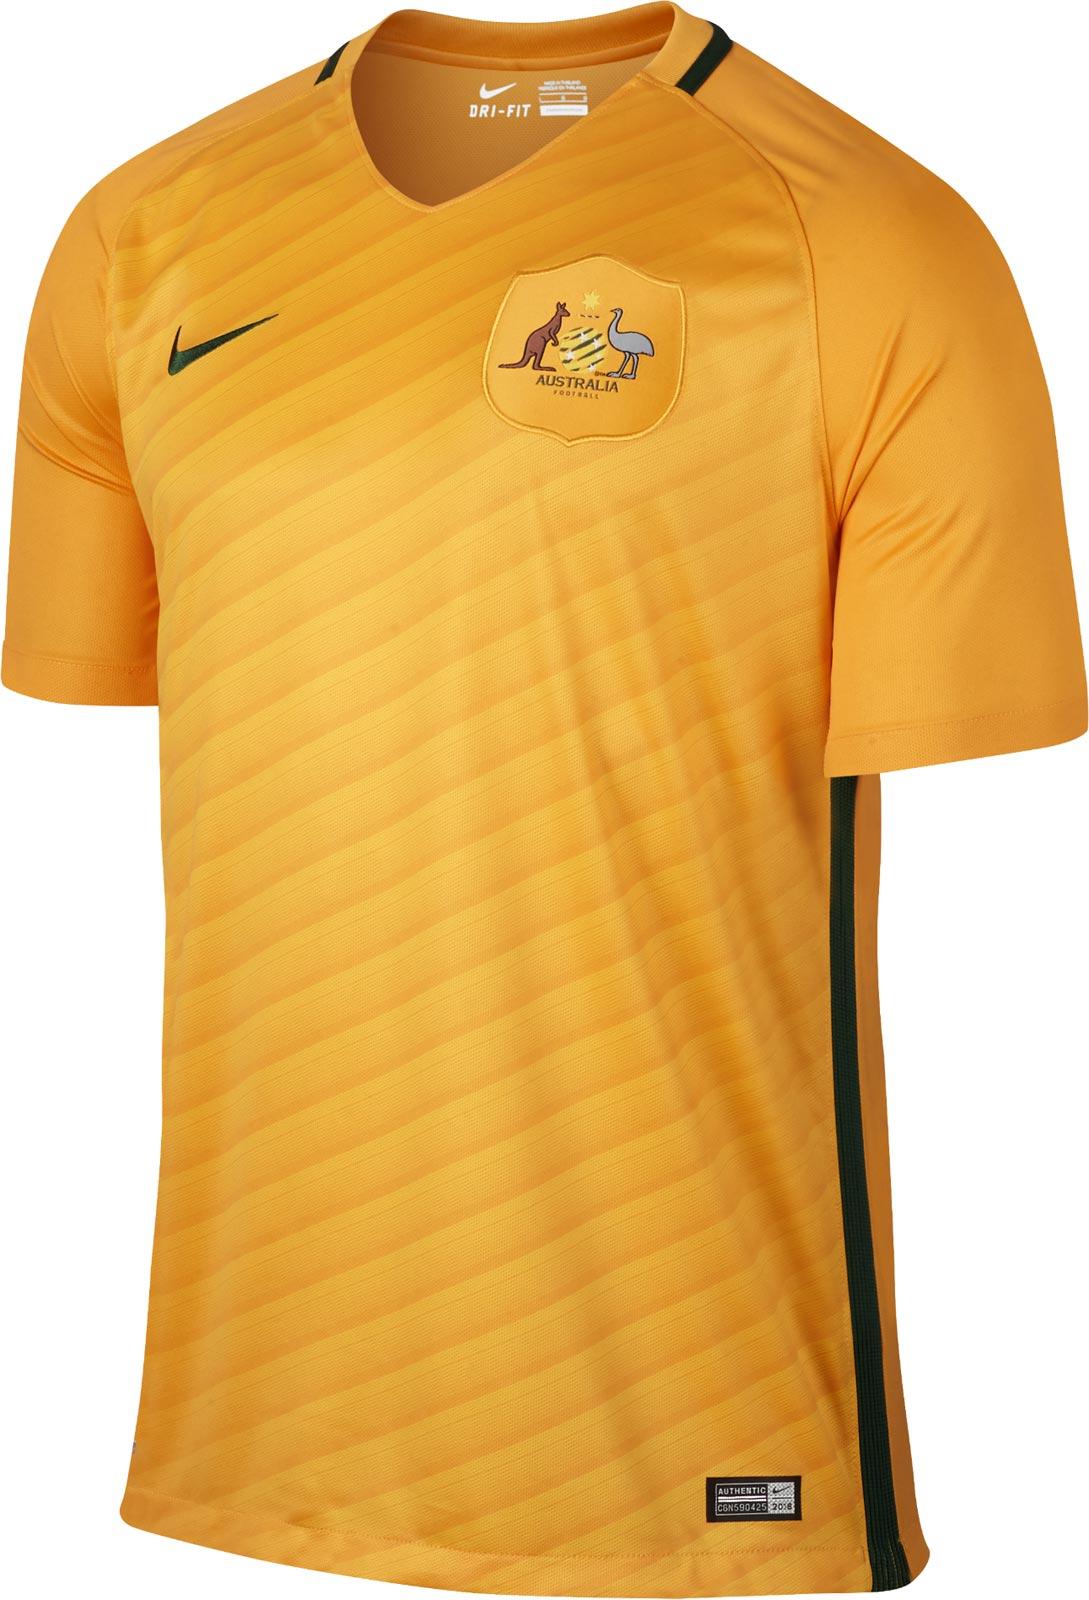 Australia Football Jersey b58d0edd0